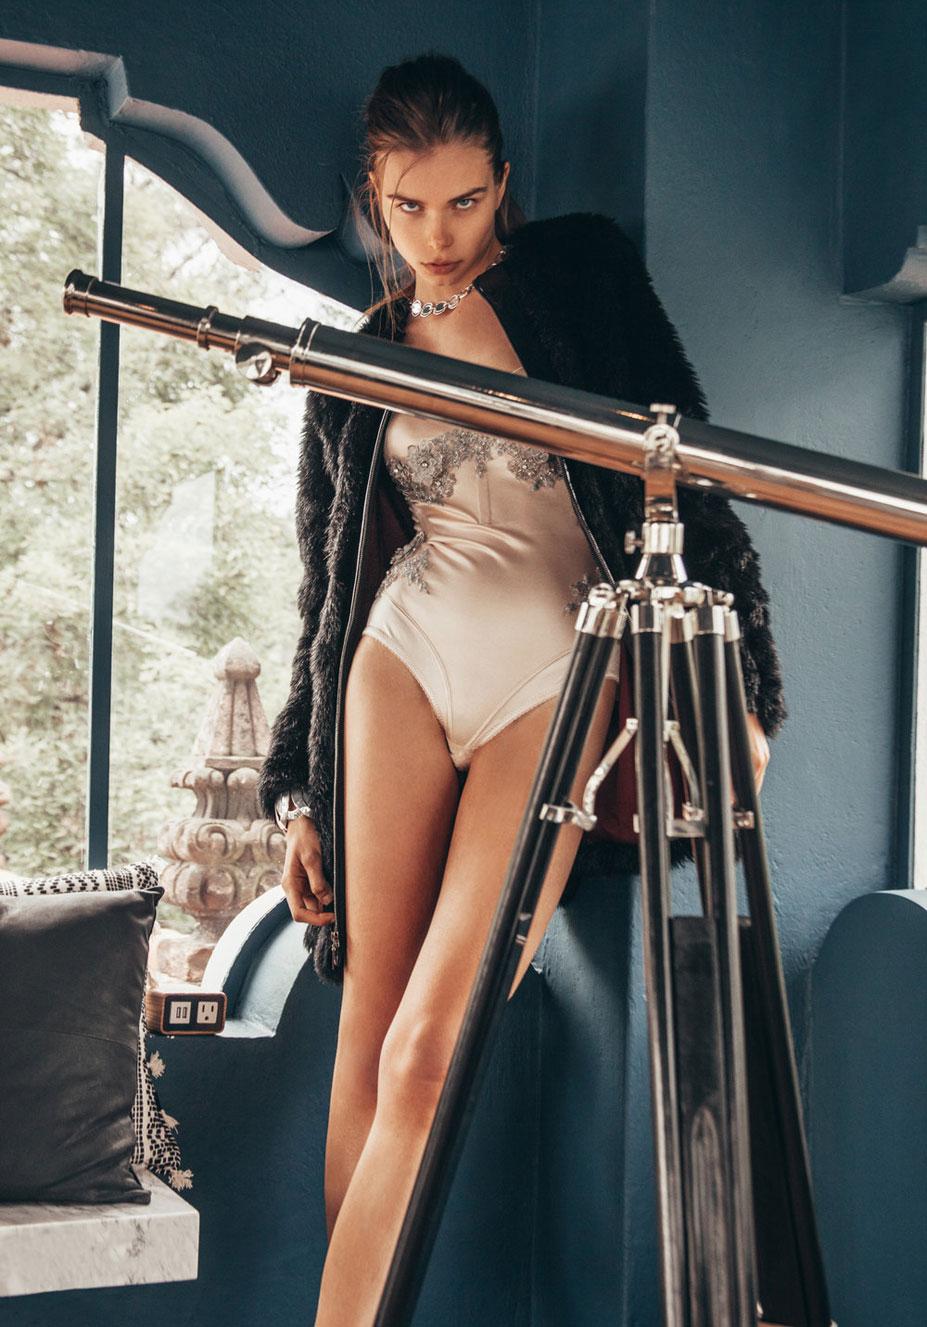 Анна Штольц тестирует модную одежду / фото 02